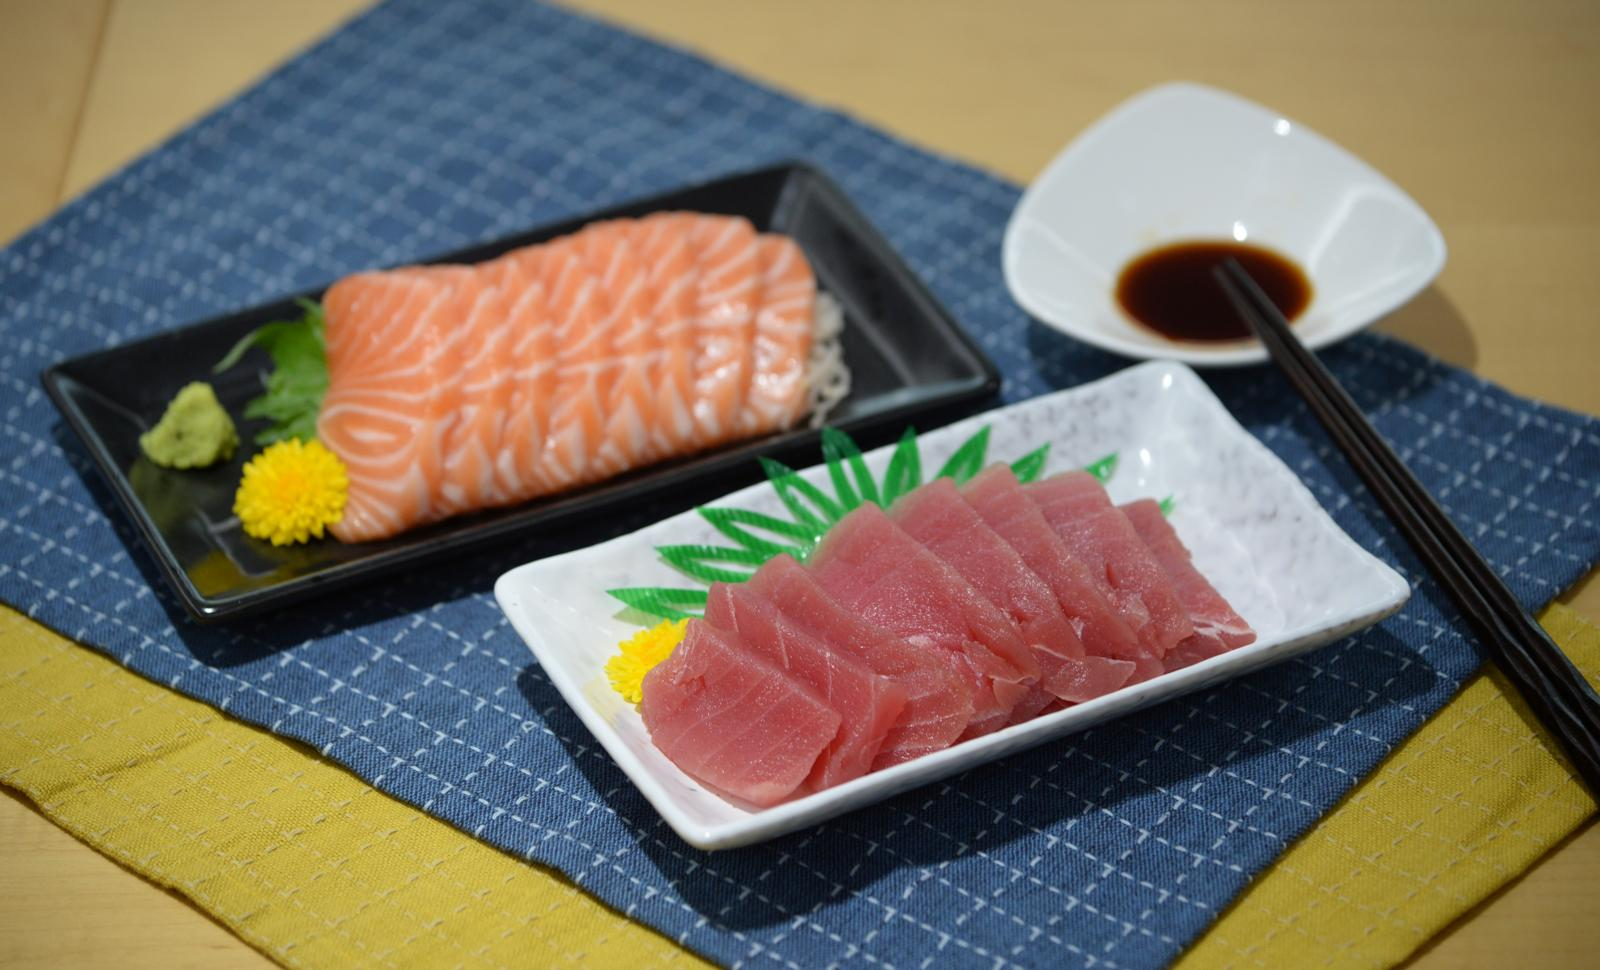 測試包括19款吞拿魚及31款三文魚刺身樣本。